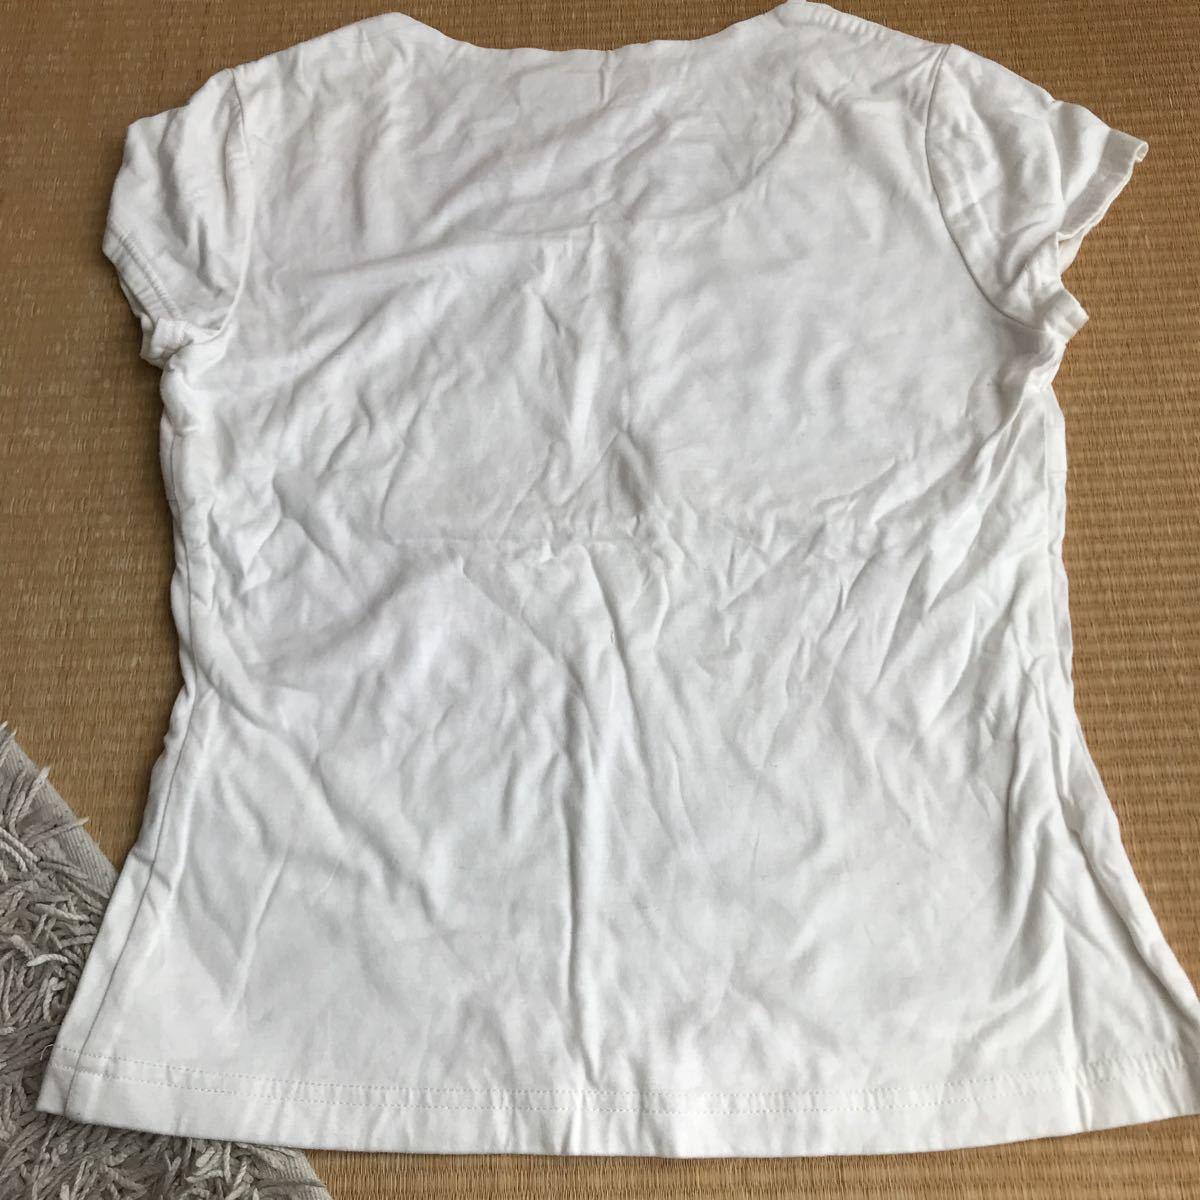 半袖Tシャツ エムプルミエ M-PREMIER カットソー 入学式 卒園式 七五三 38 トップス